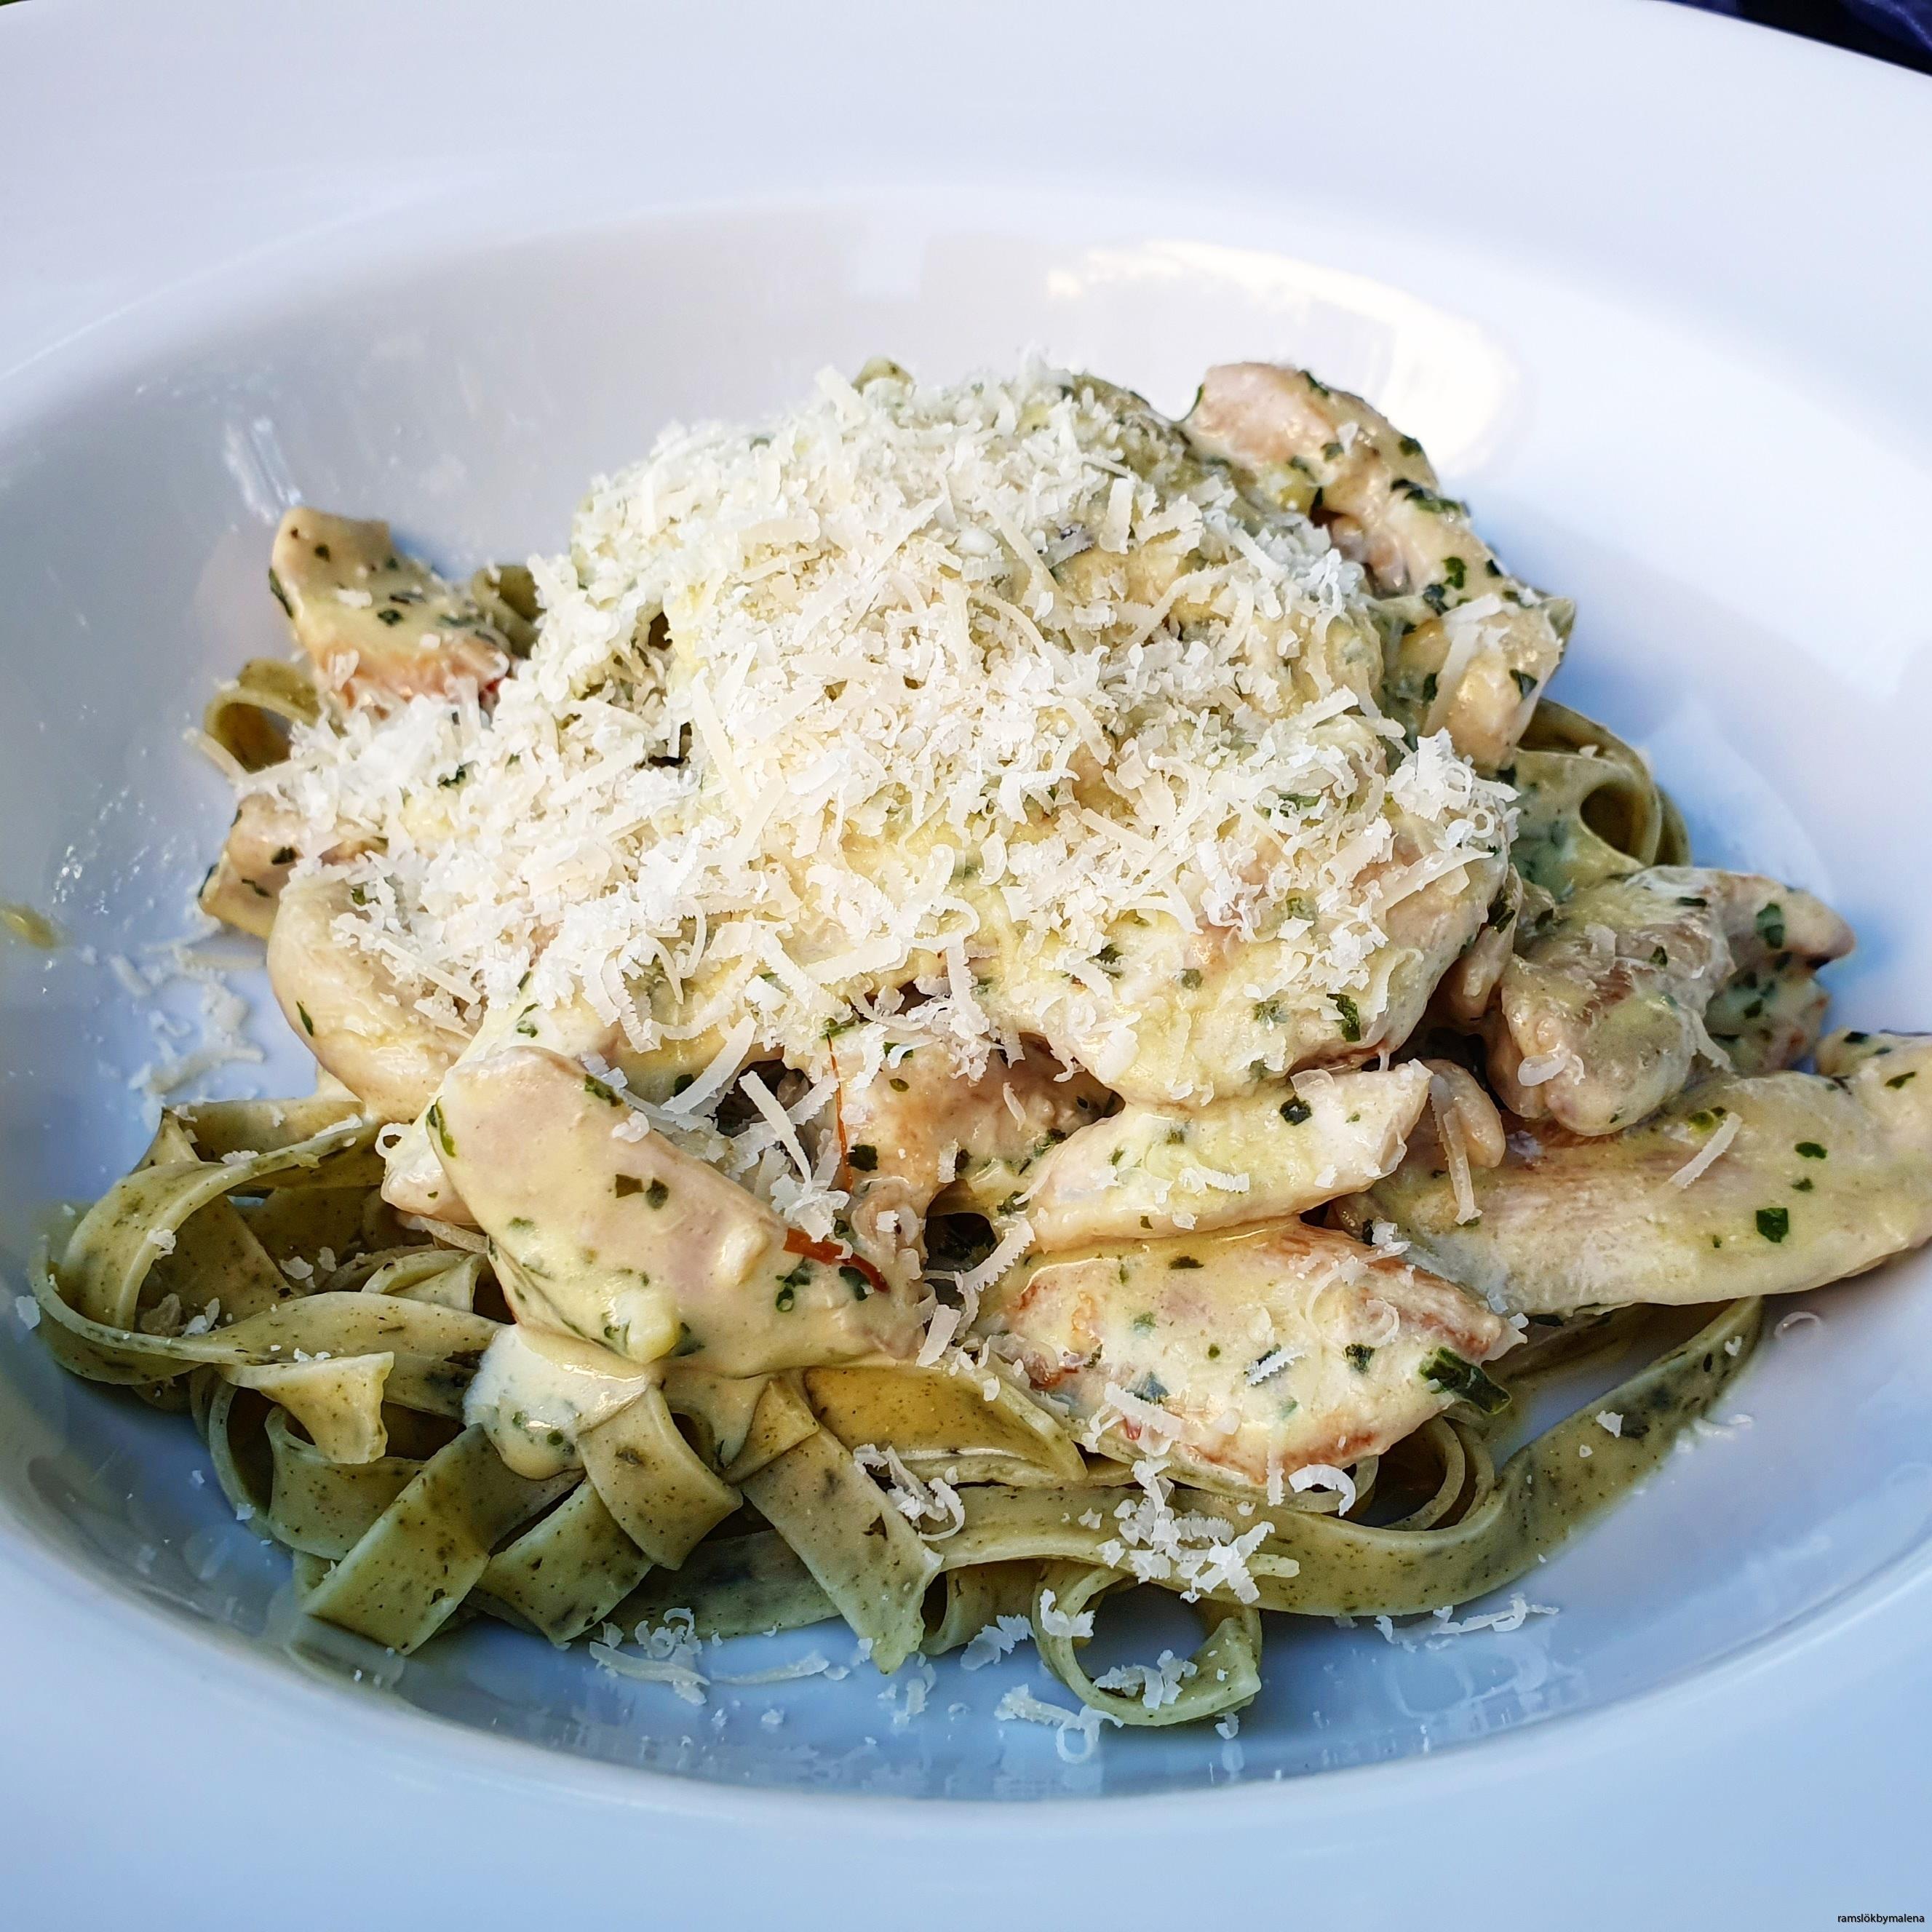 Ramslökspasta med sås på strimlad stekt kycklig, en klick creme fraiche, en slurk grädde, riven parmesan och Pastarikets Pasta Pesto med ramslök.